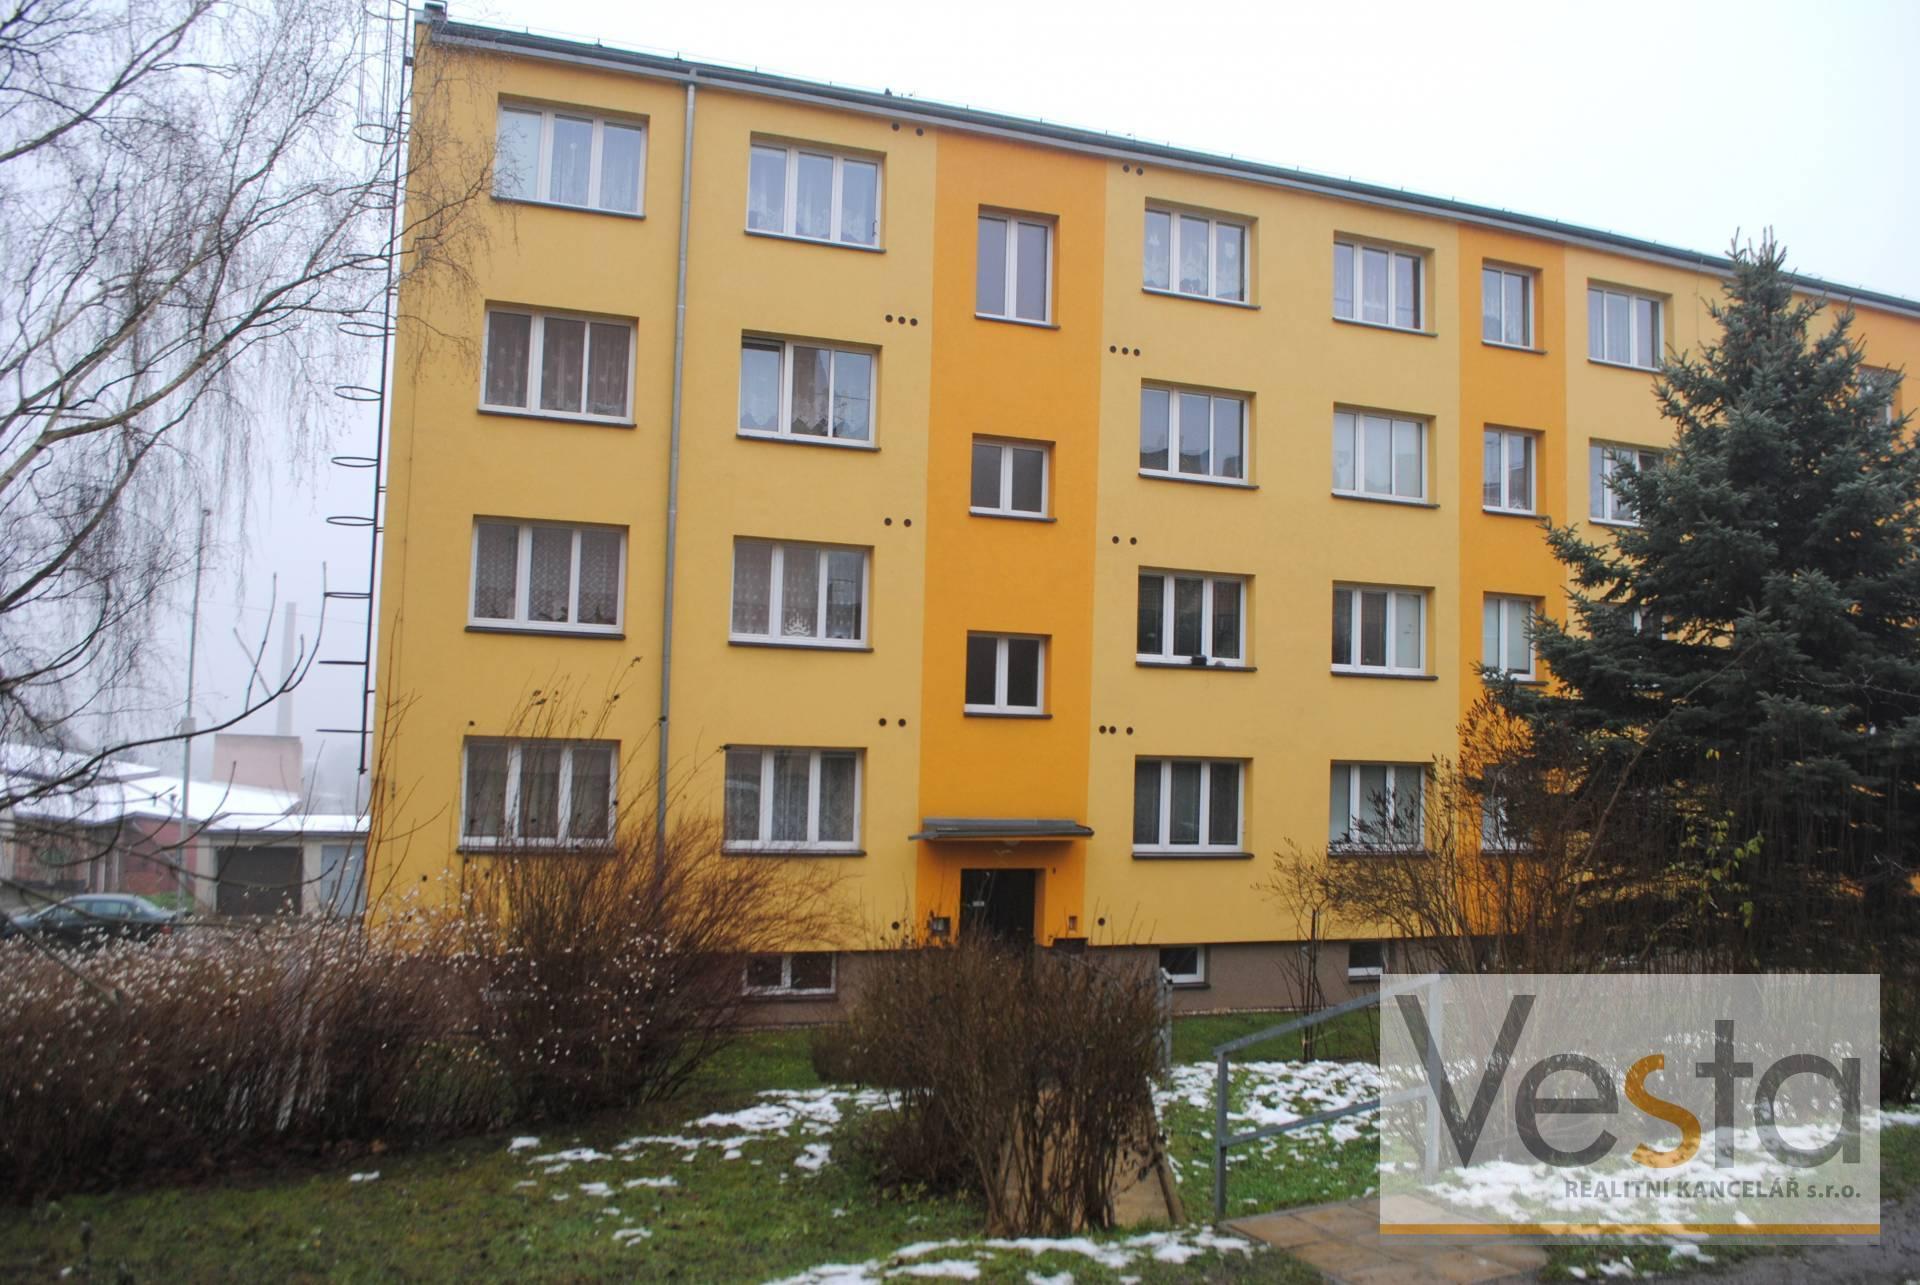 Byt 3+kk s balkónem, Děčín Nové Město, 62 m2